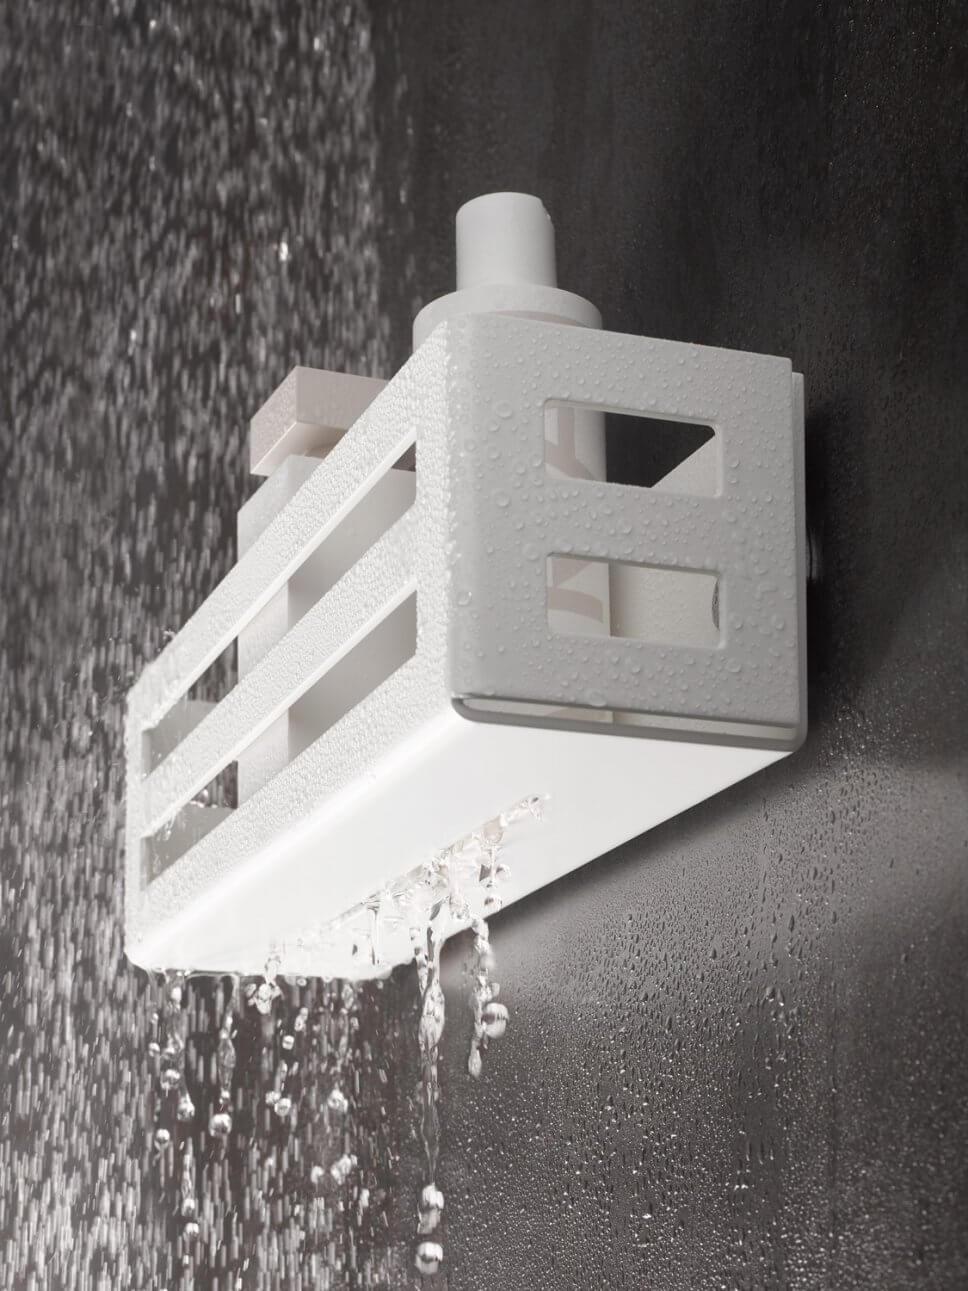 Badregal in moderner Dusche